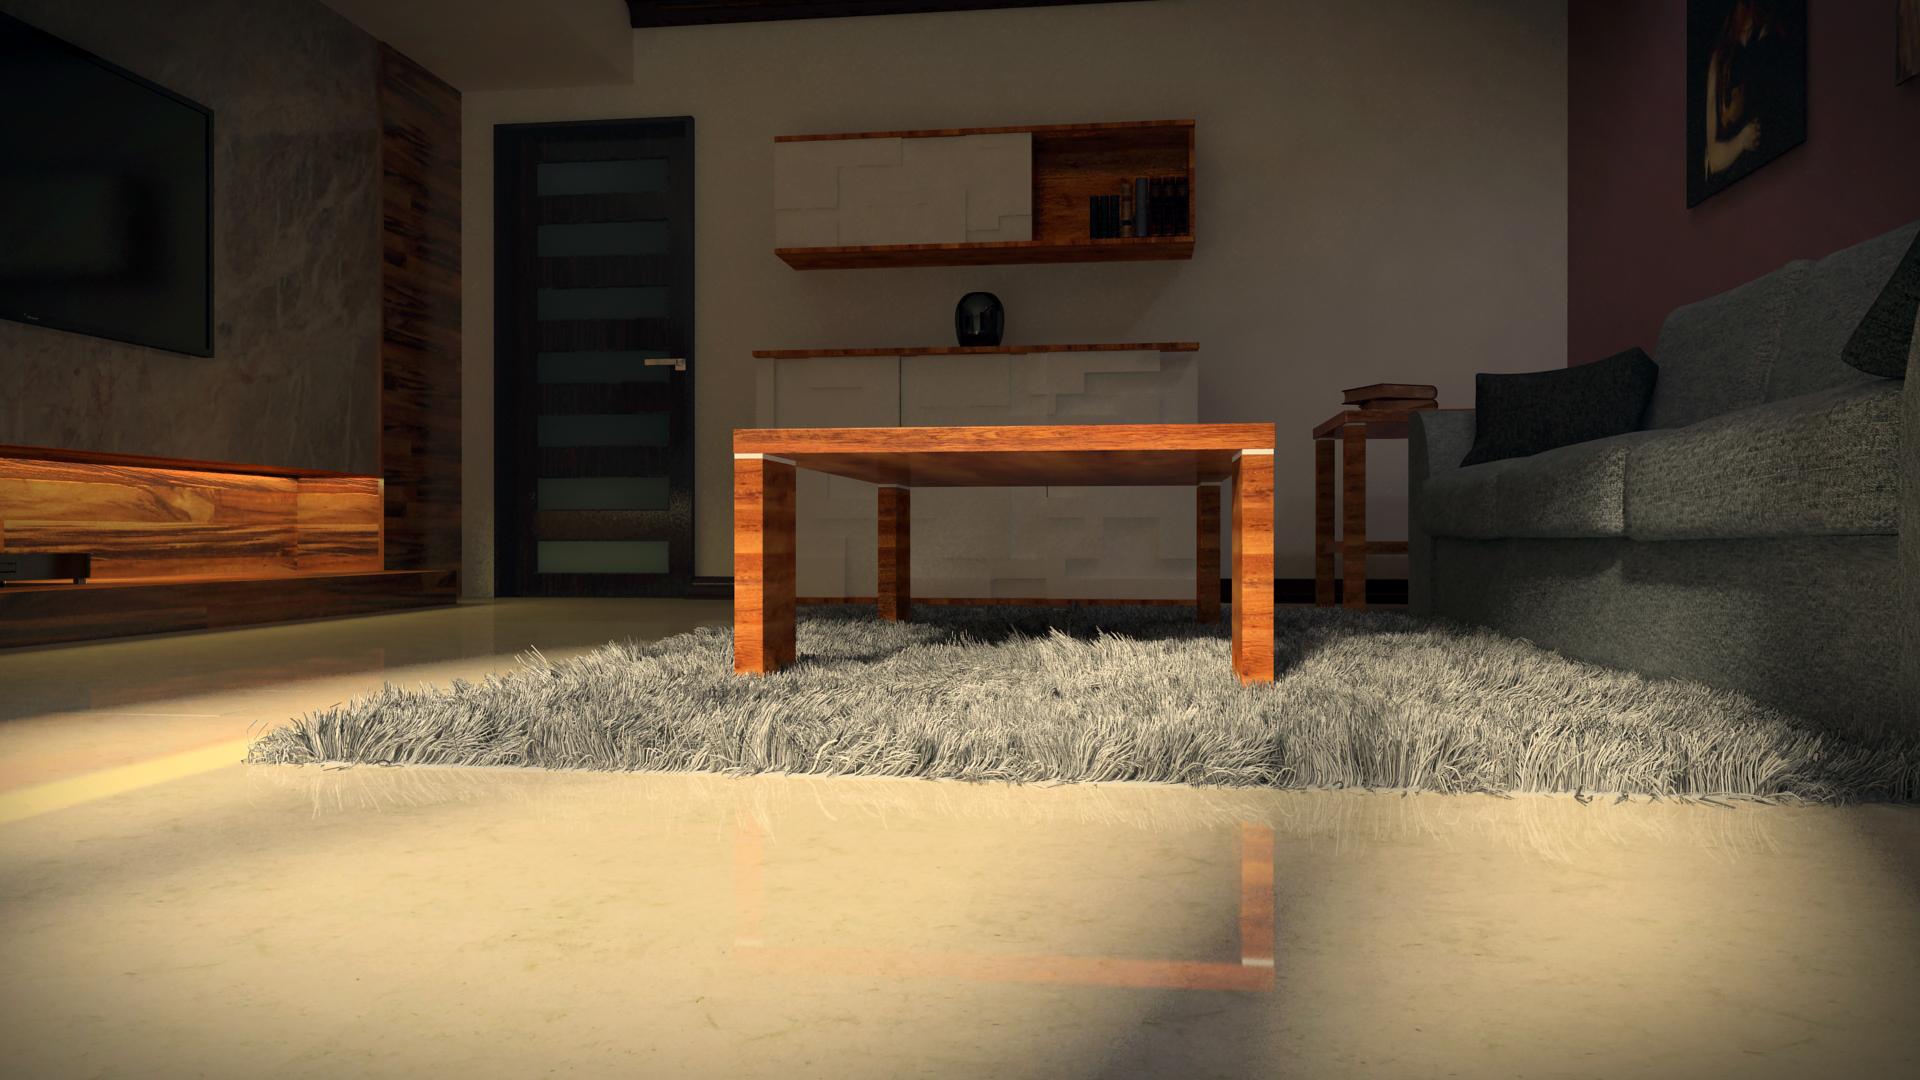 Modern living room 6 by marantir art on deviantart for Modern living room reddit